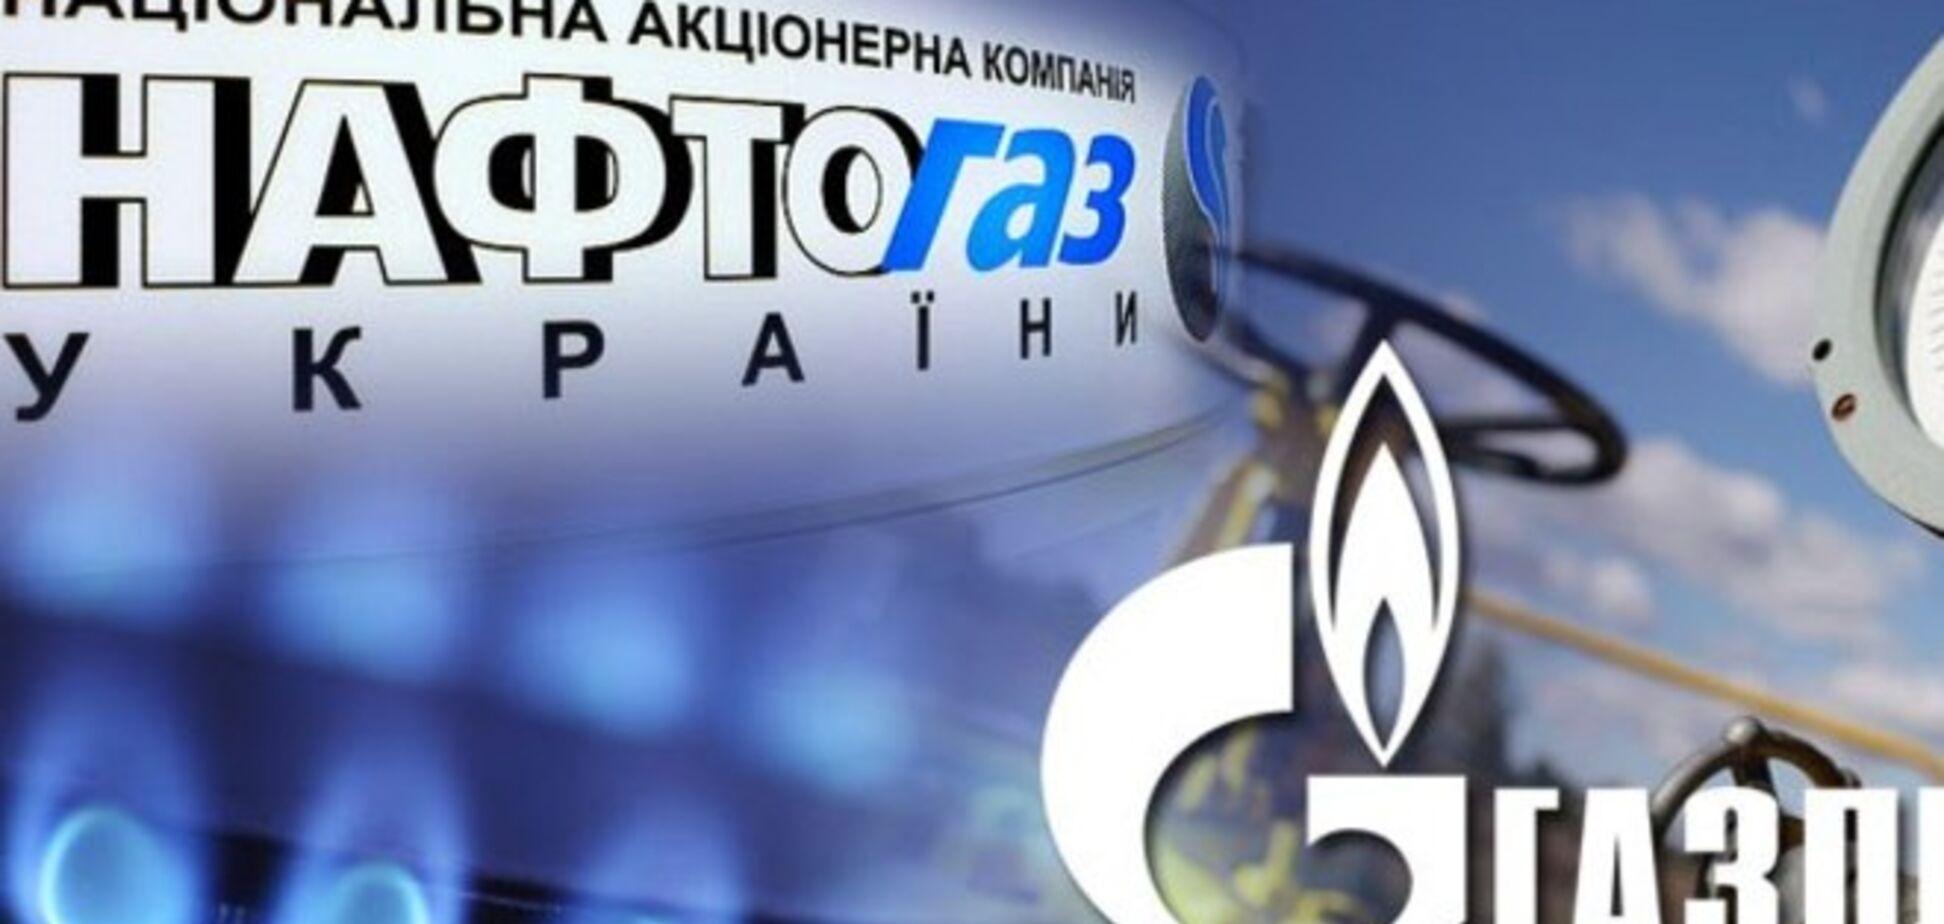 Глава 'Нафтогаза' узнал о скидке 'Газпрома' из Facebook